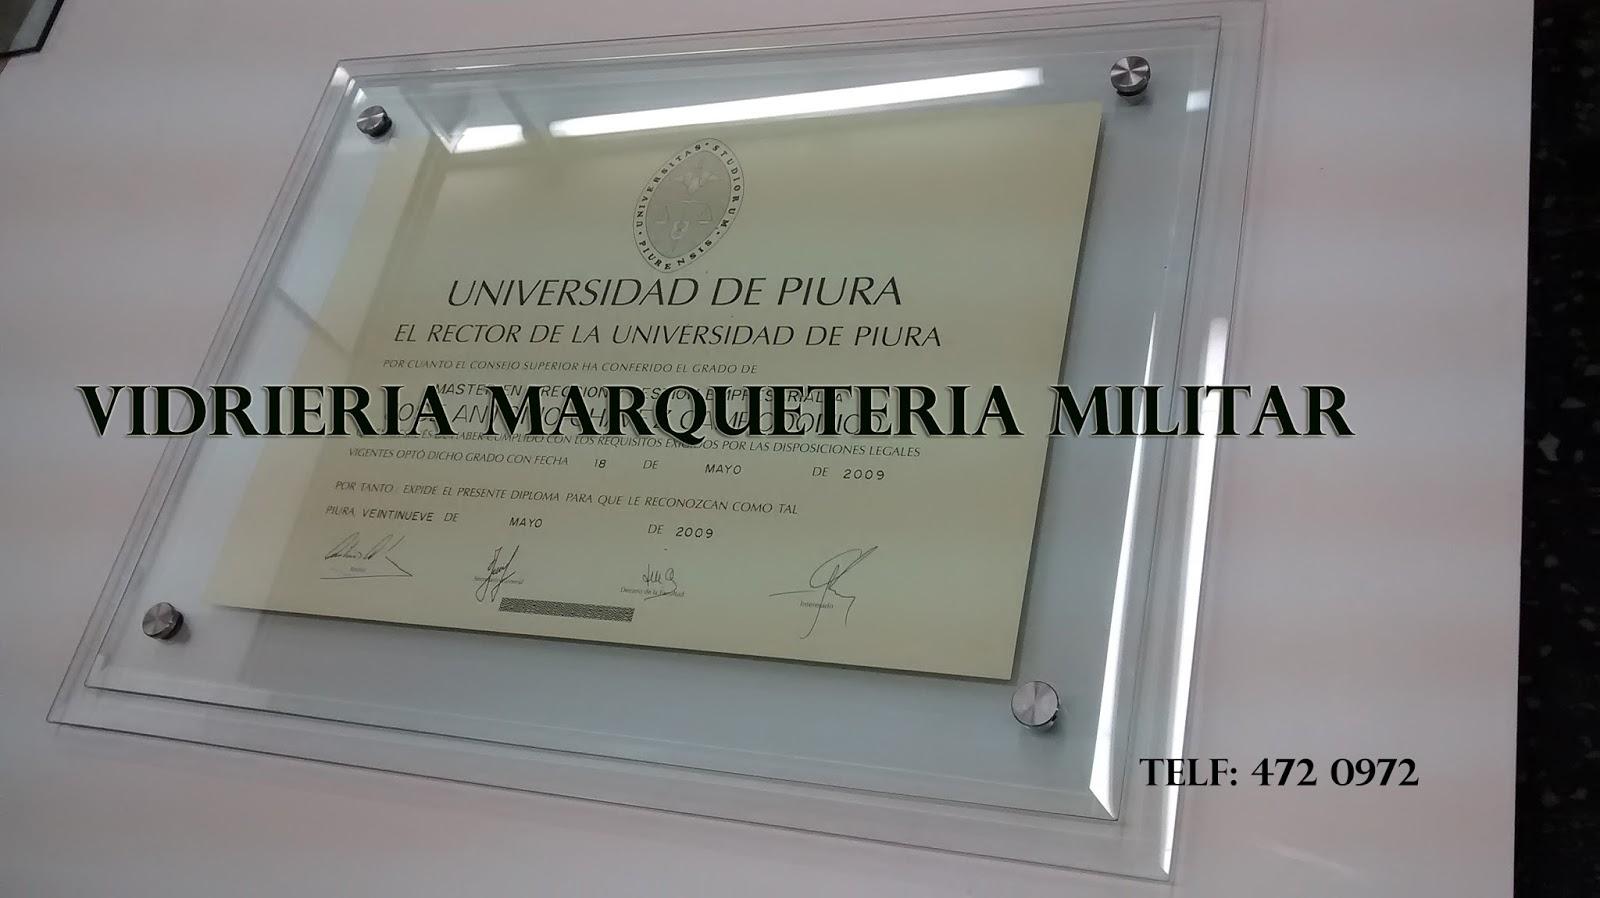 Vidrieria marqueter a militar - Marcos de cristal ...